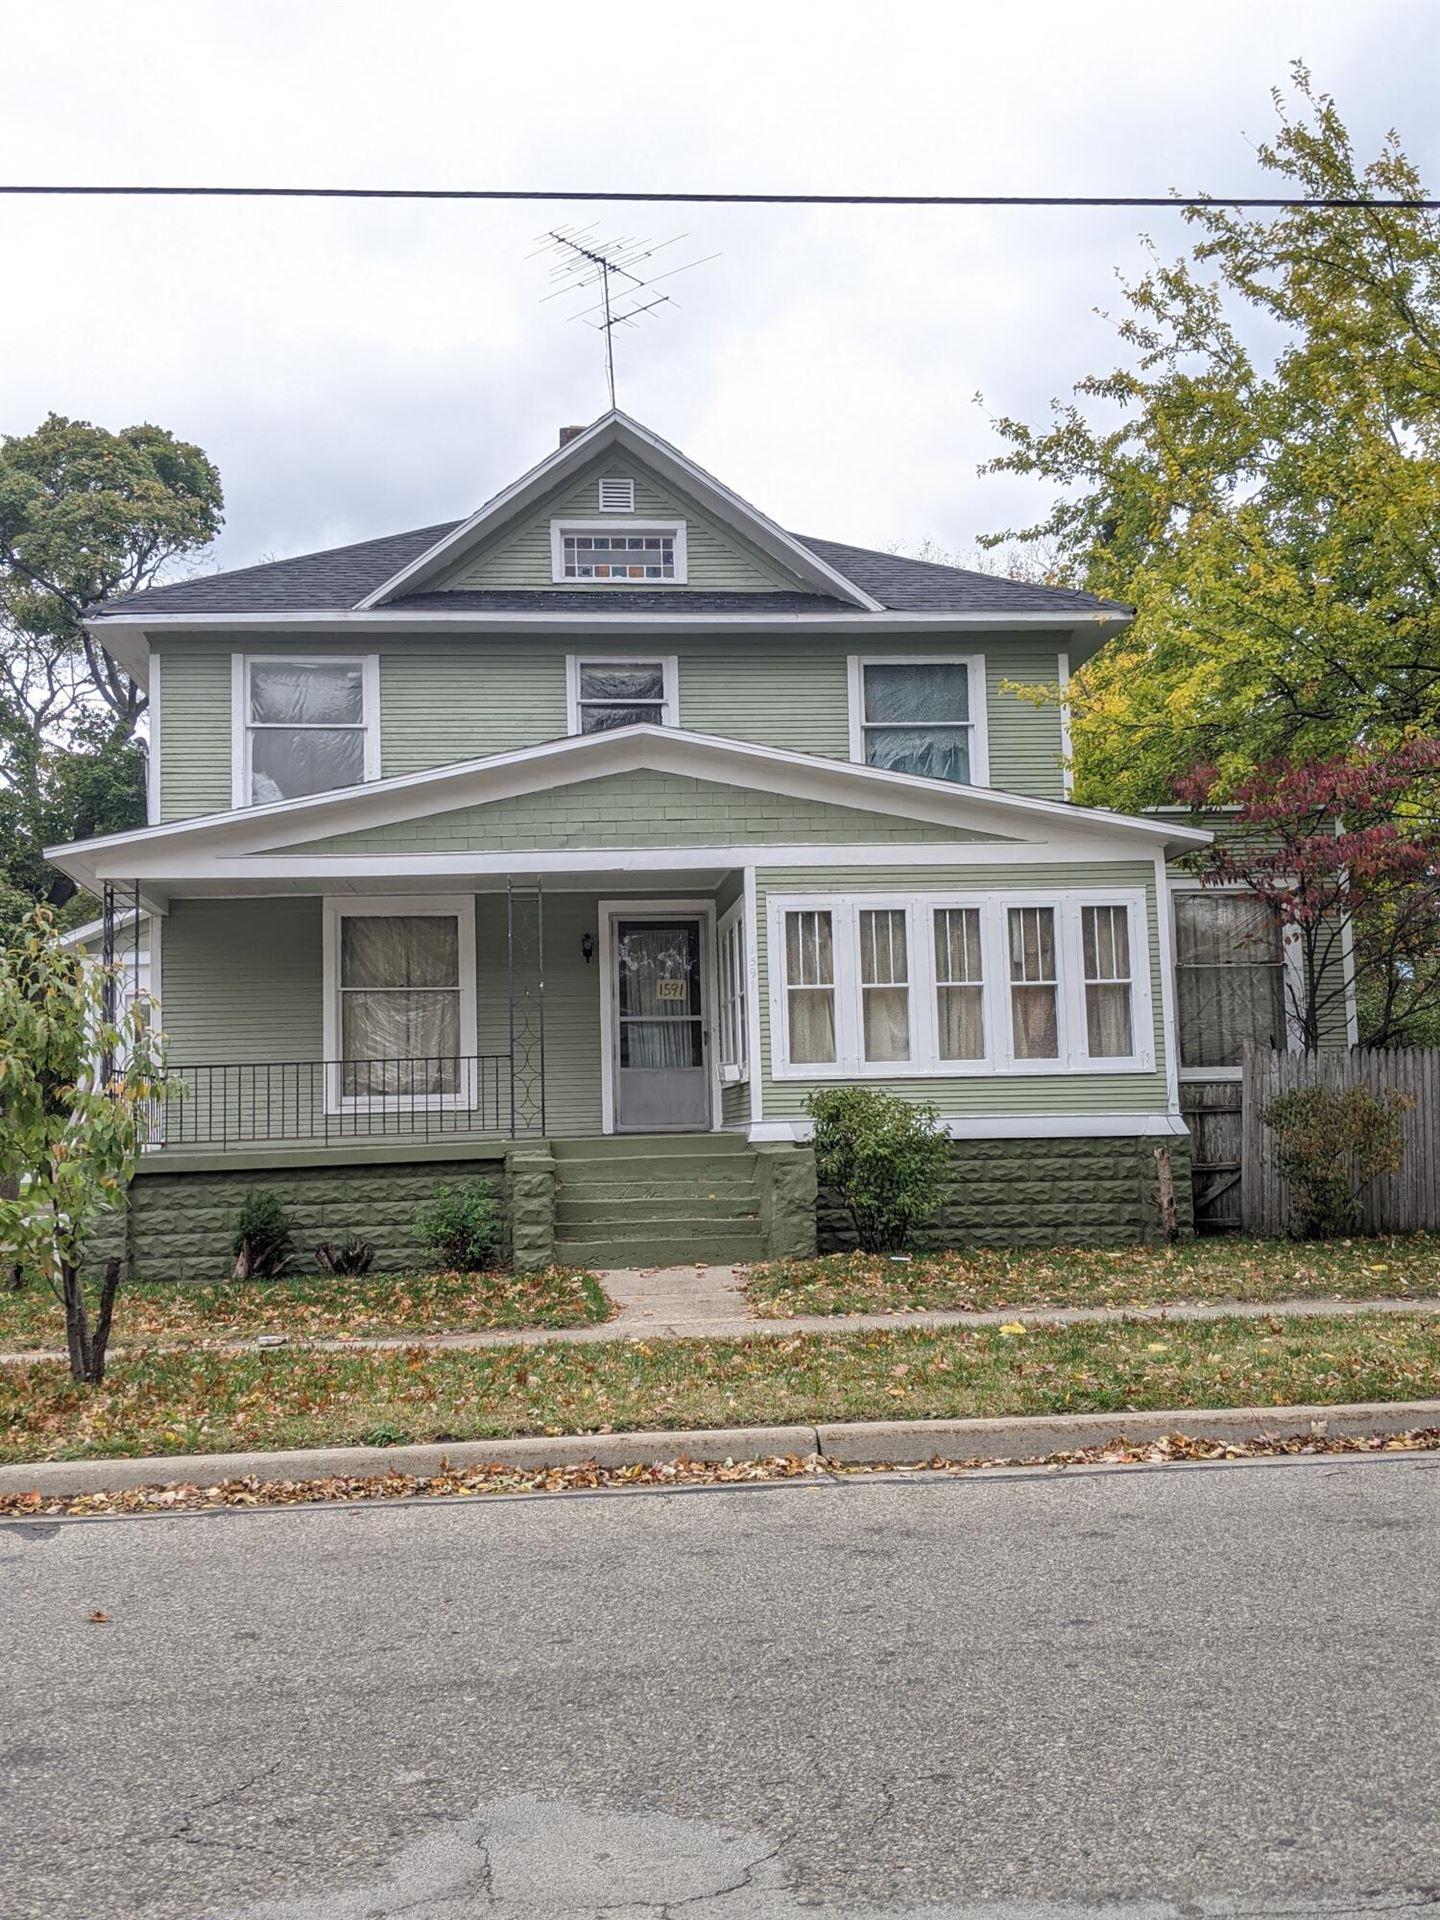 1591 Terrace Street, Muskegon, MI 49442 - MLS#: 21103518